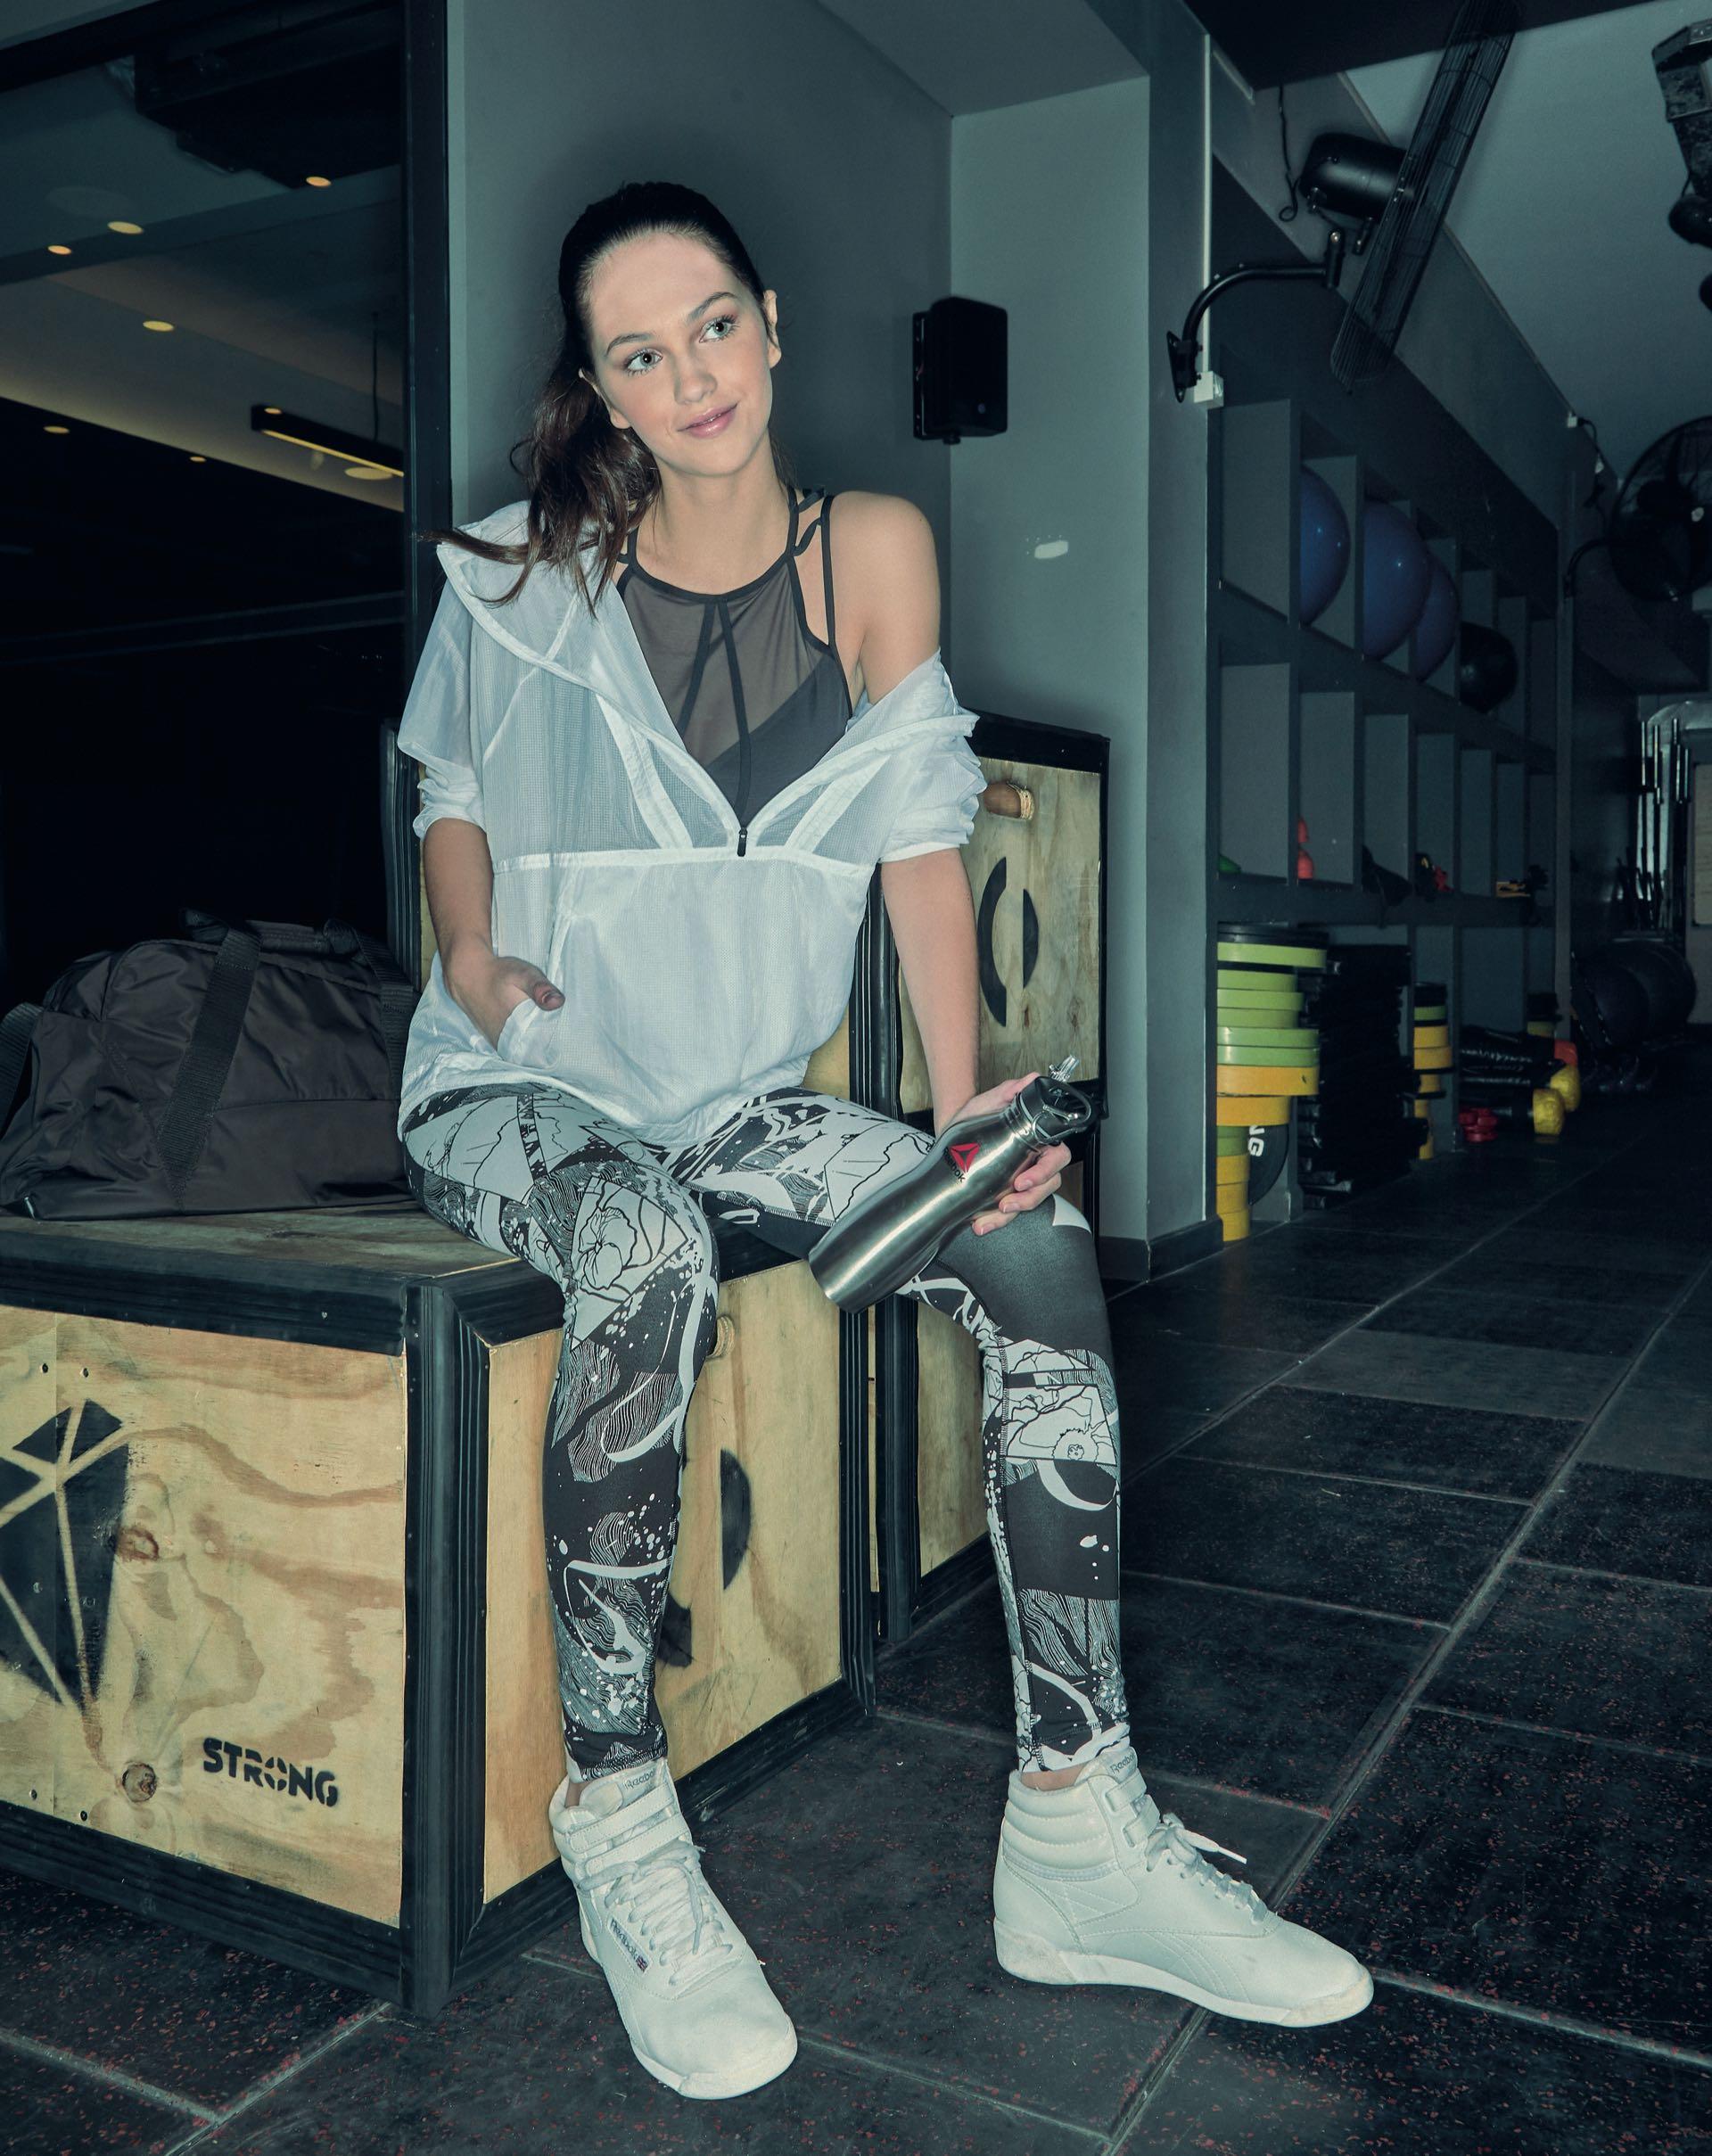 REEBOK. Top con recortes ($ 899), campera con detalles de transparencias ($ 1.999), leggings estampadas ($ 1.199), zapatillas botitas ($ 1.849 ) y bolso de tela de avión ($ 1.199). (Foto: Juan Manuel Rodríguez/ Para Ti)